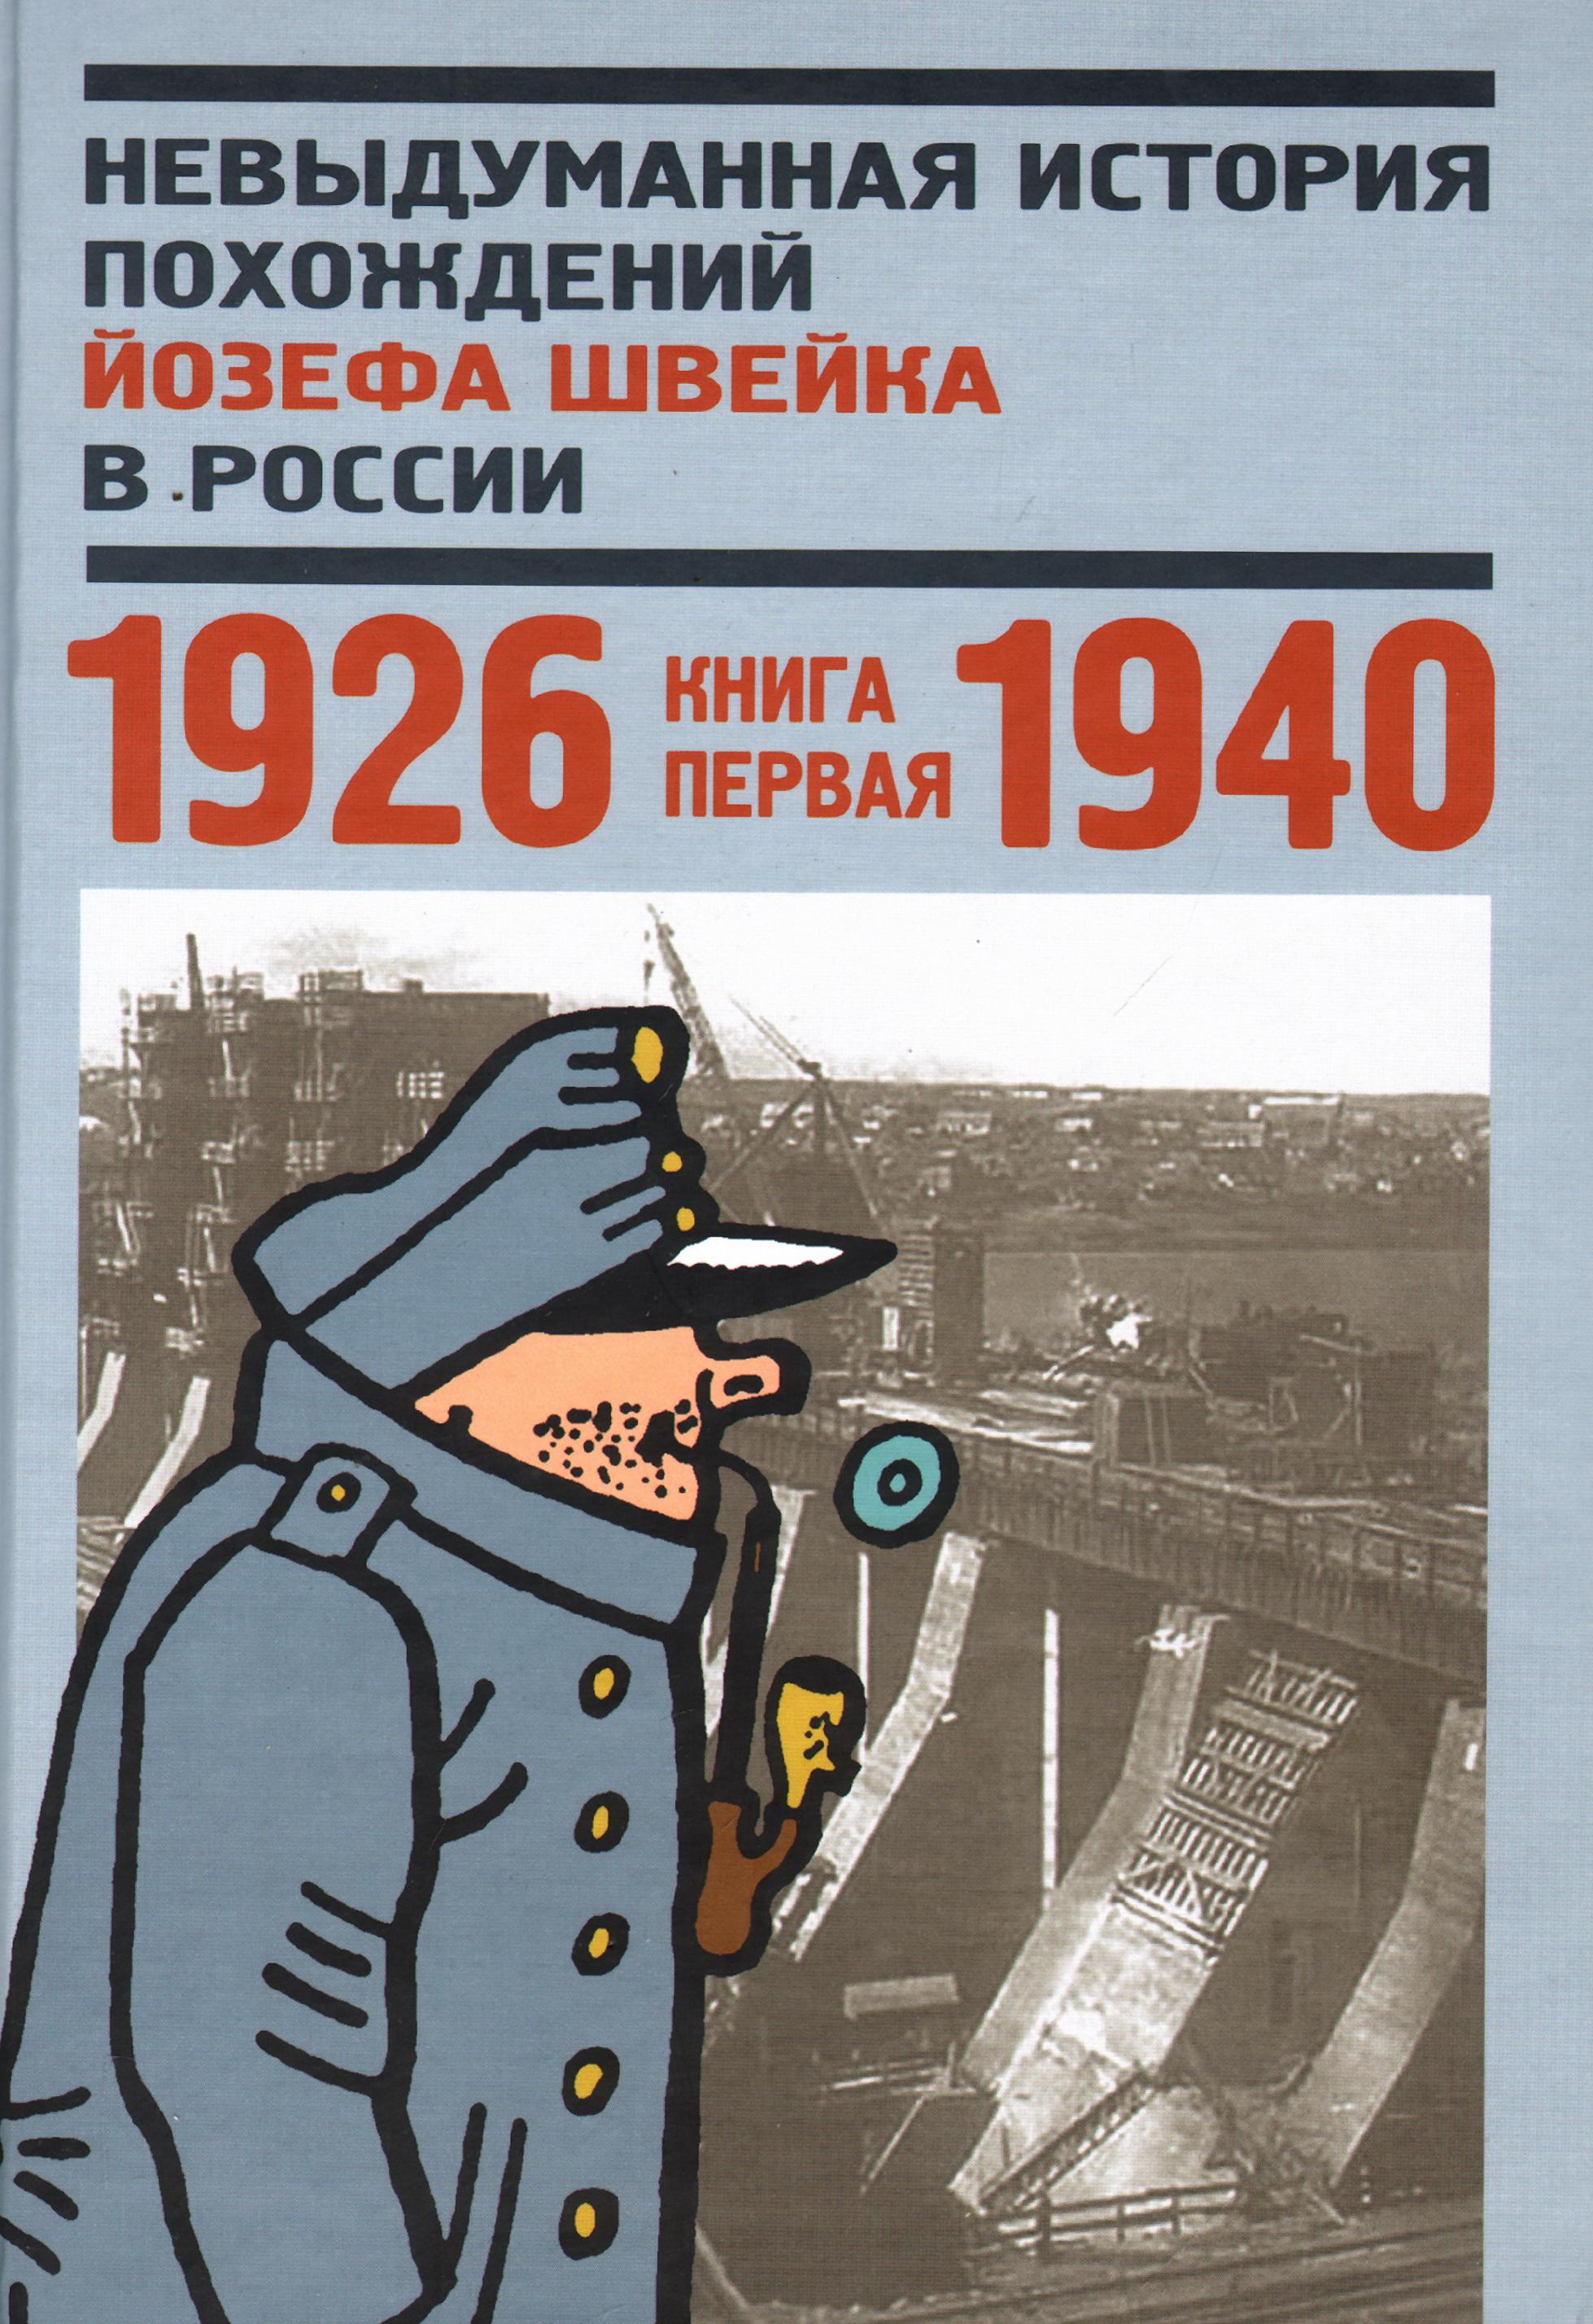 Невыдуманная история похождений Йозефа Швейка в России.Кн.первая 1926-1940